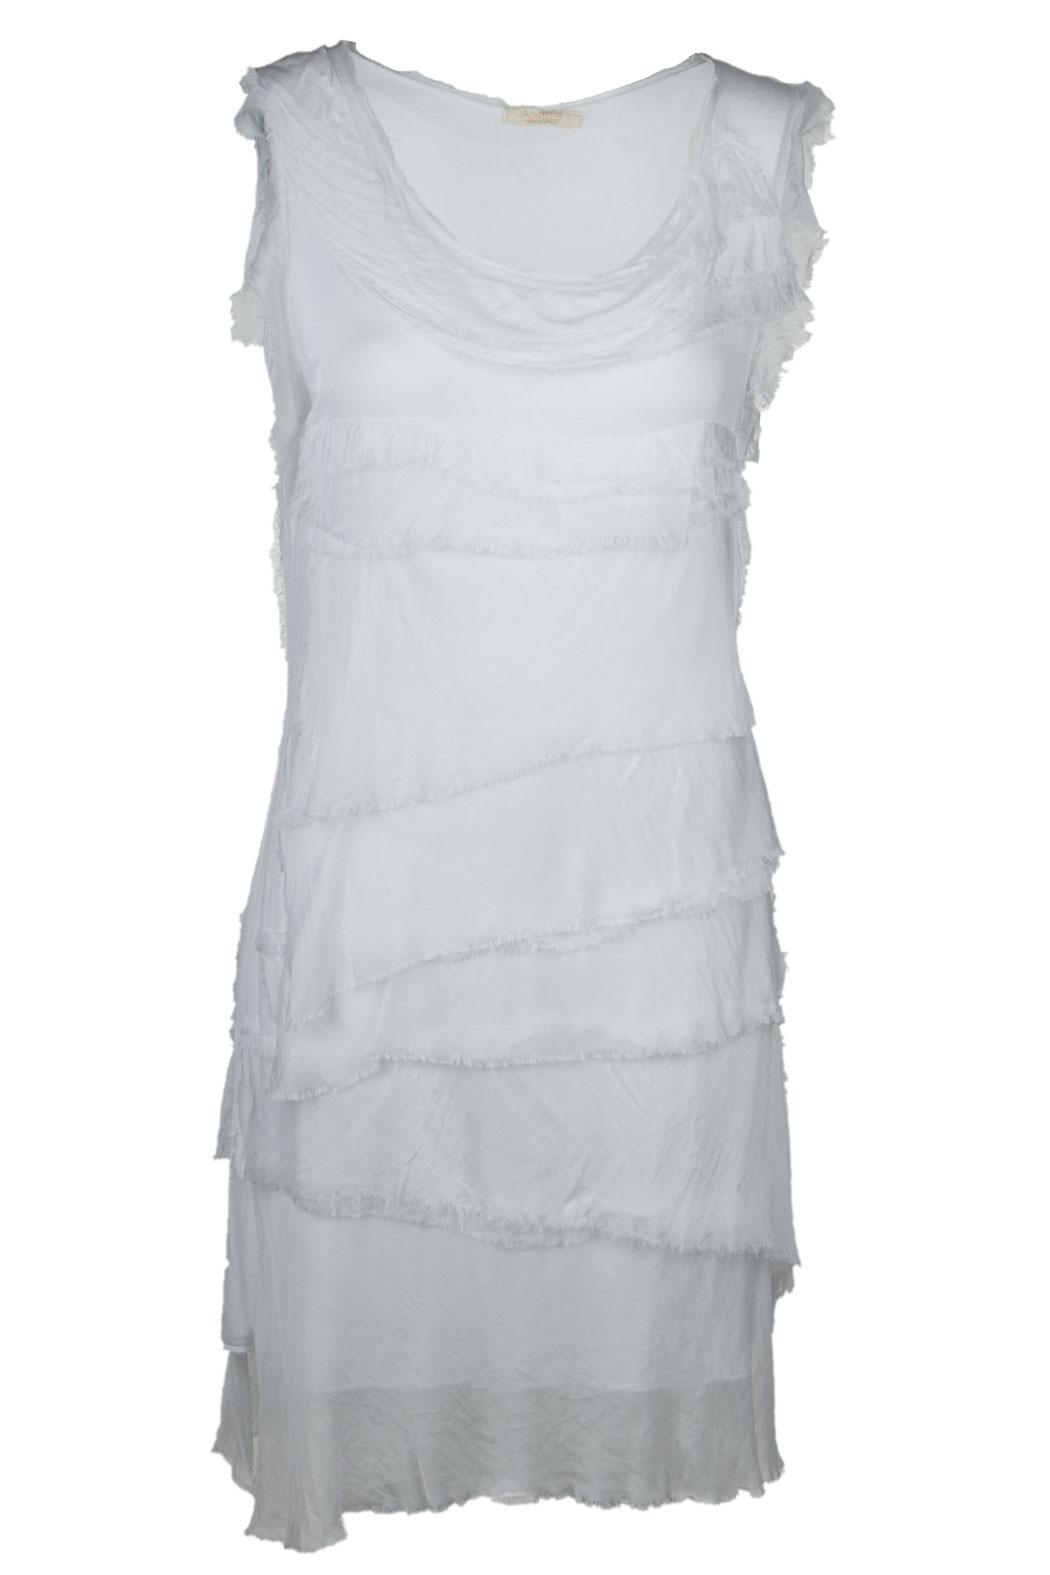 Leichtes Sommerkleid für Damen mit Seide Figurbetont Viele Farben ...